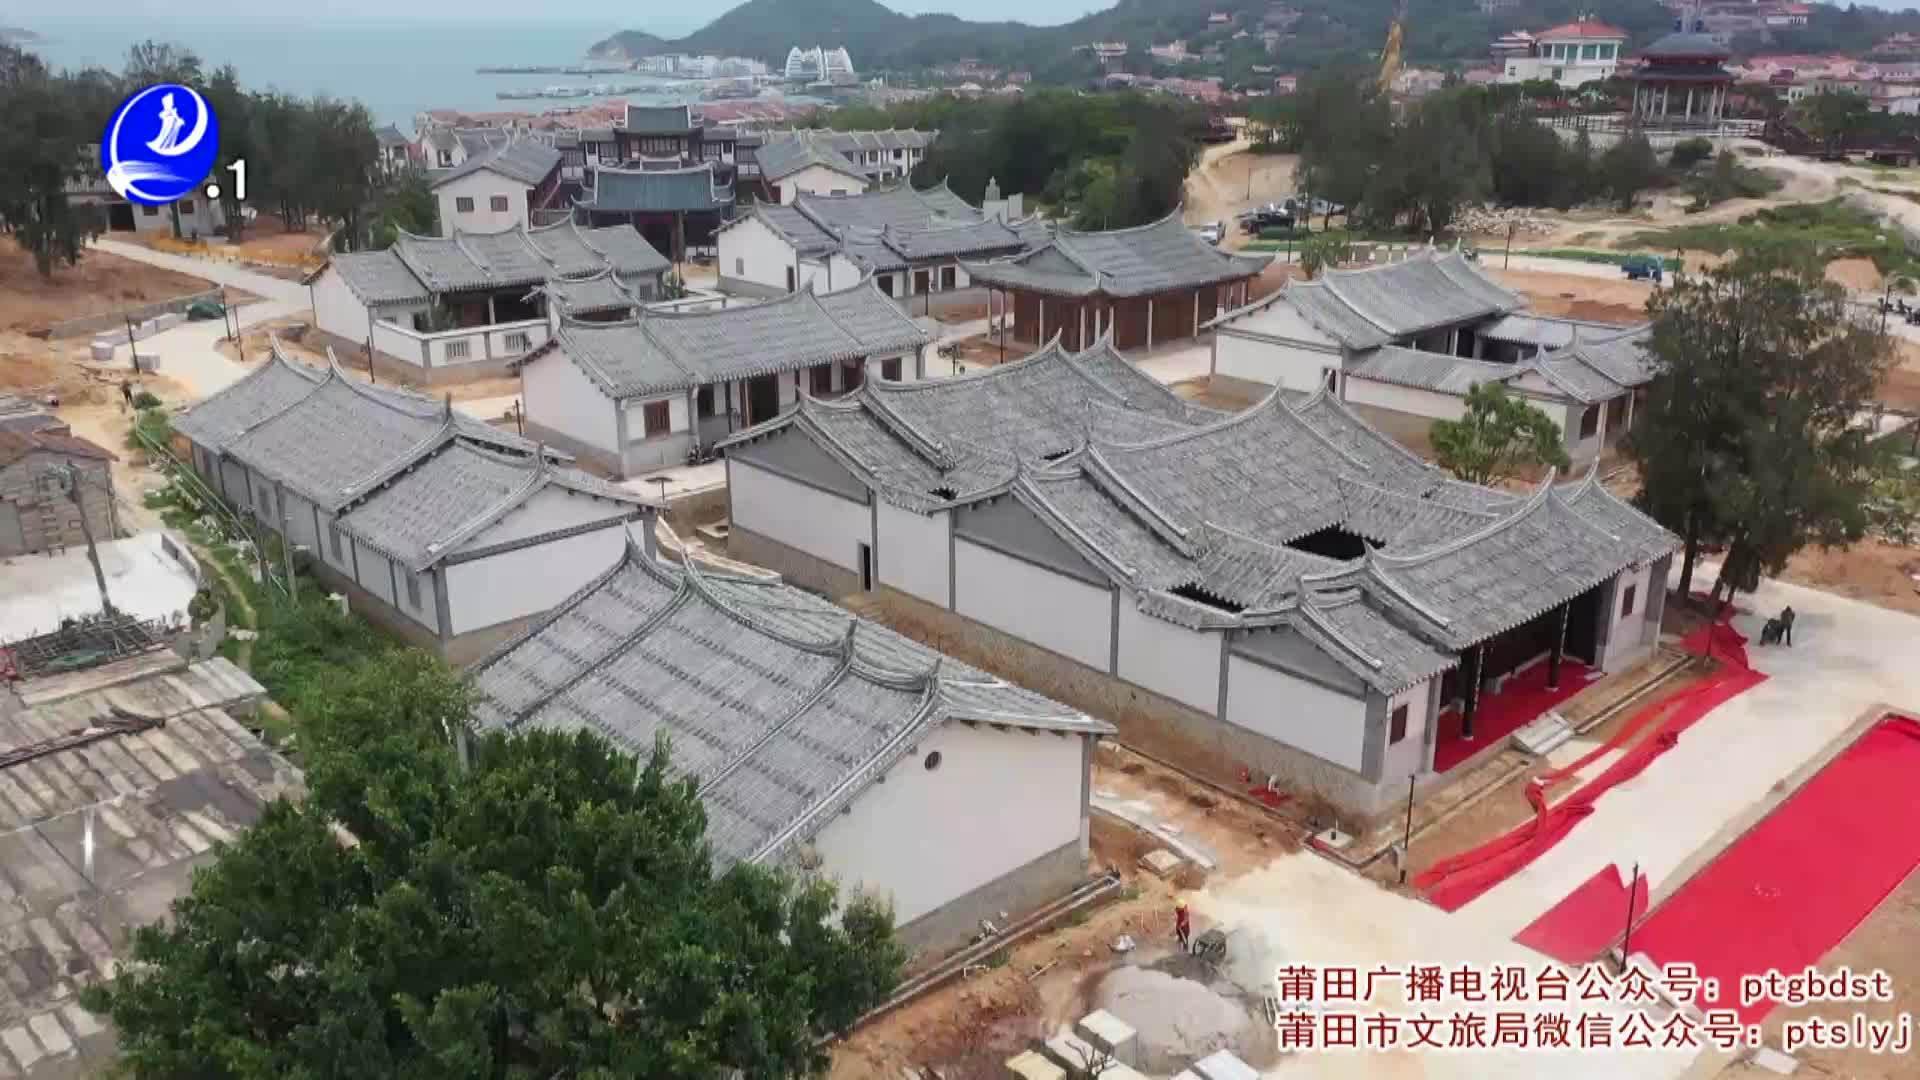 莆田:湄洲岛妈祖故居重建落成